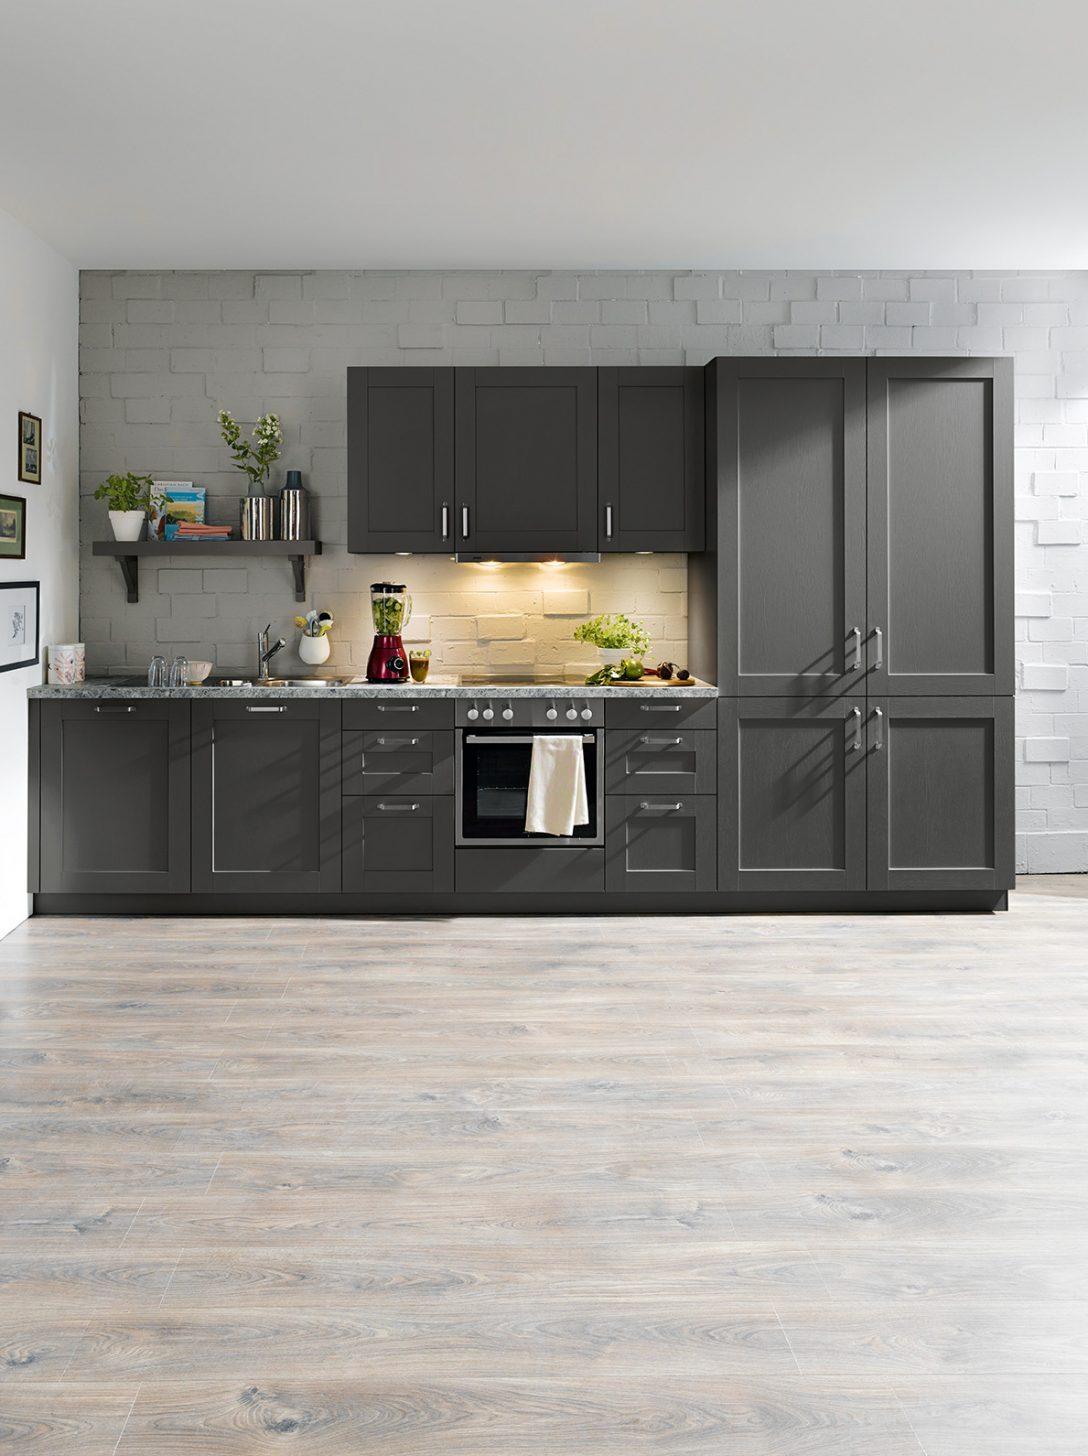 Large Size of Bodenbelag Küche Auf Fliesen Laminatboden Küche Rutschfester Bodenbelag Küche Welcher Bodenbelag Für Offene Küche Küche Bodenbelag Küche